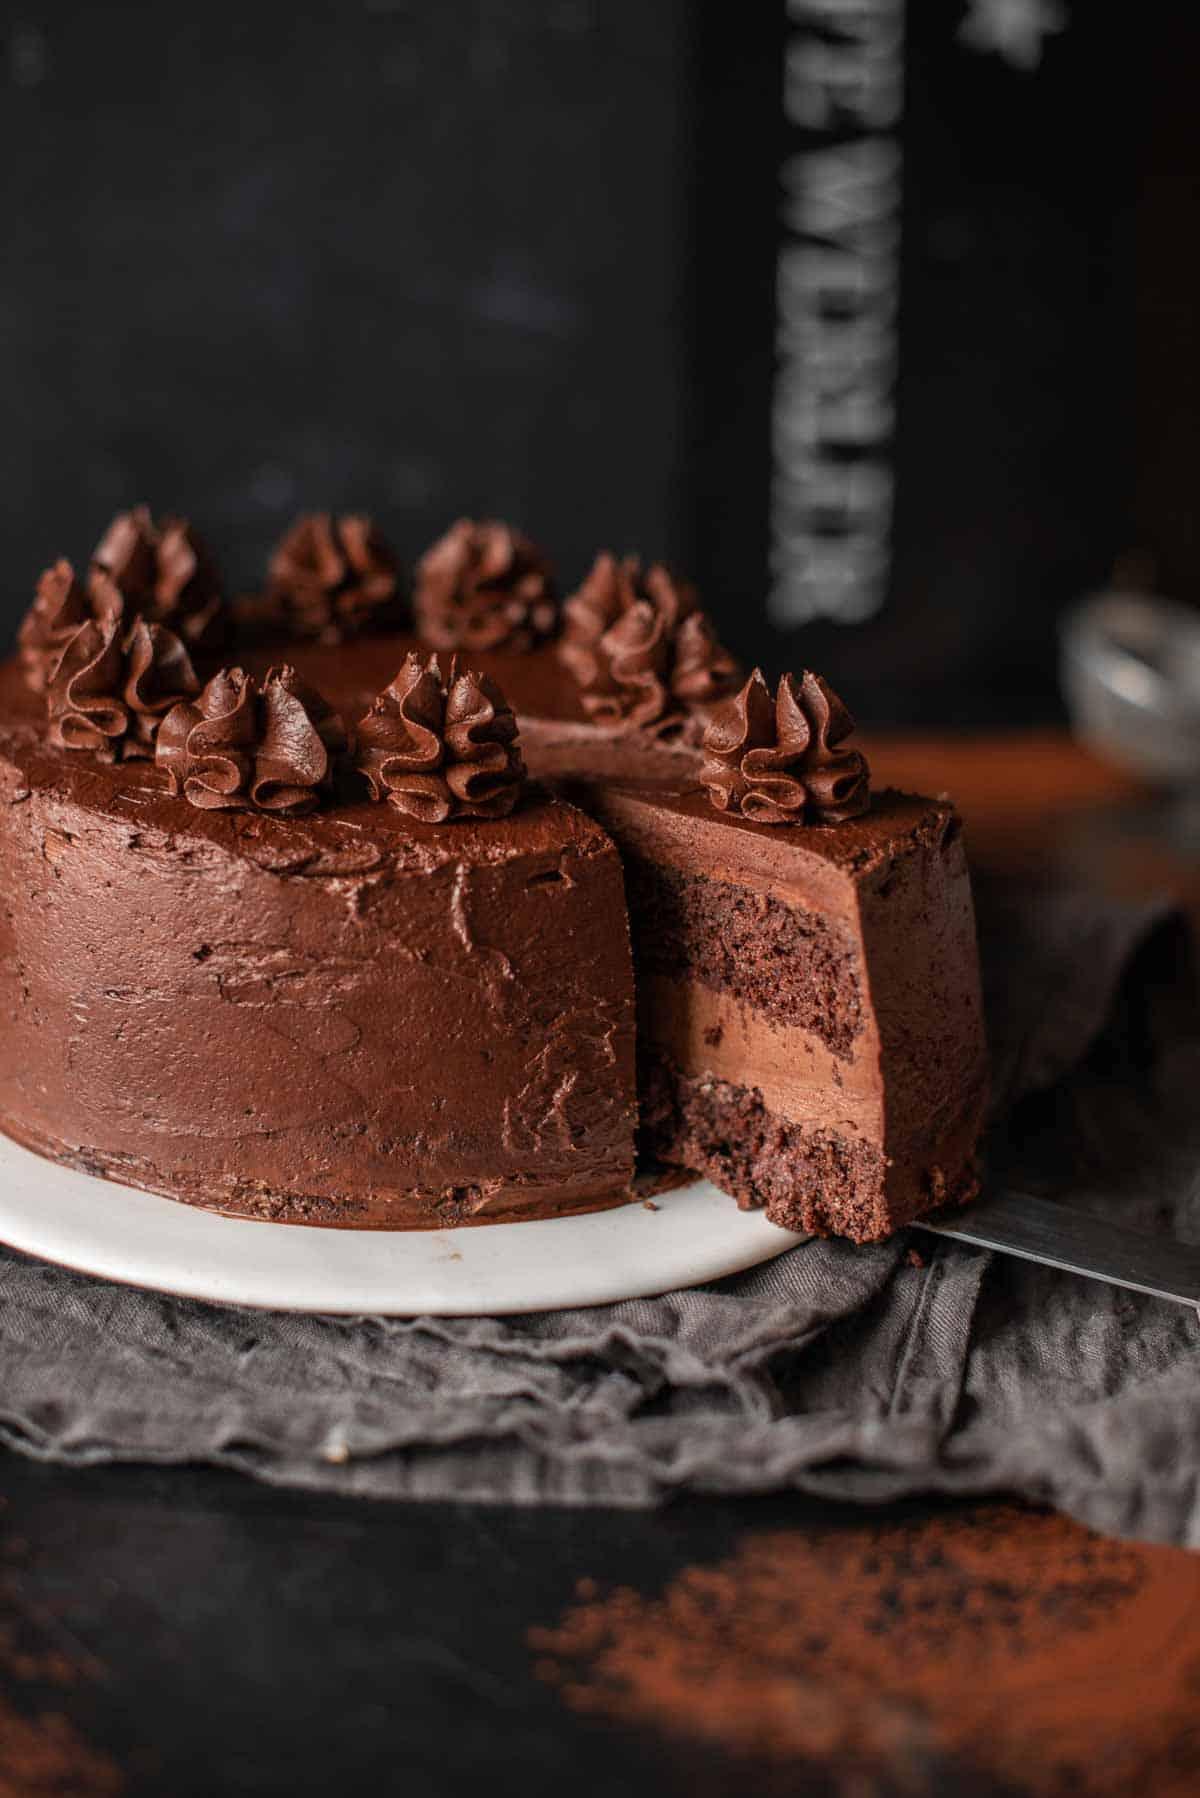 Bild: Kuchen geschnitten